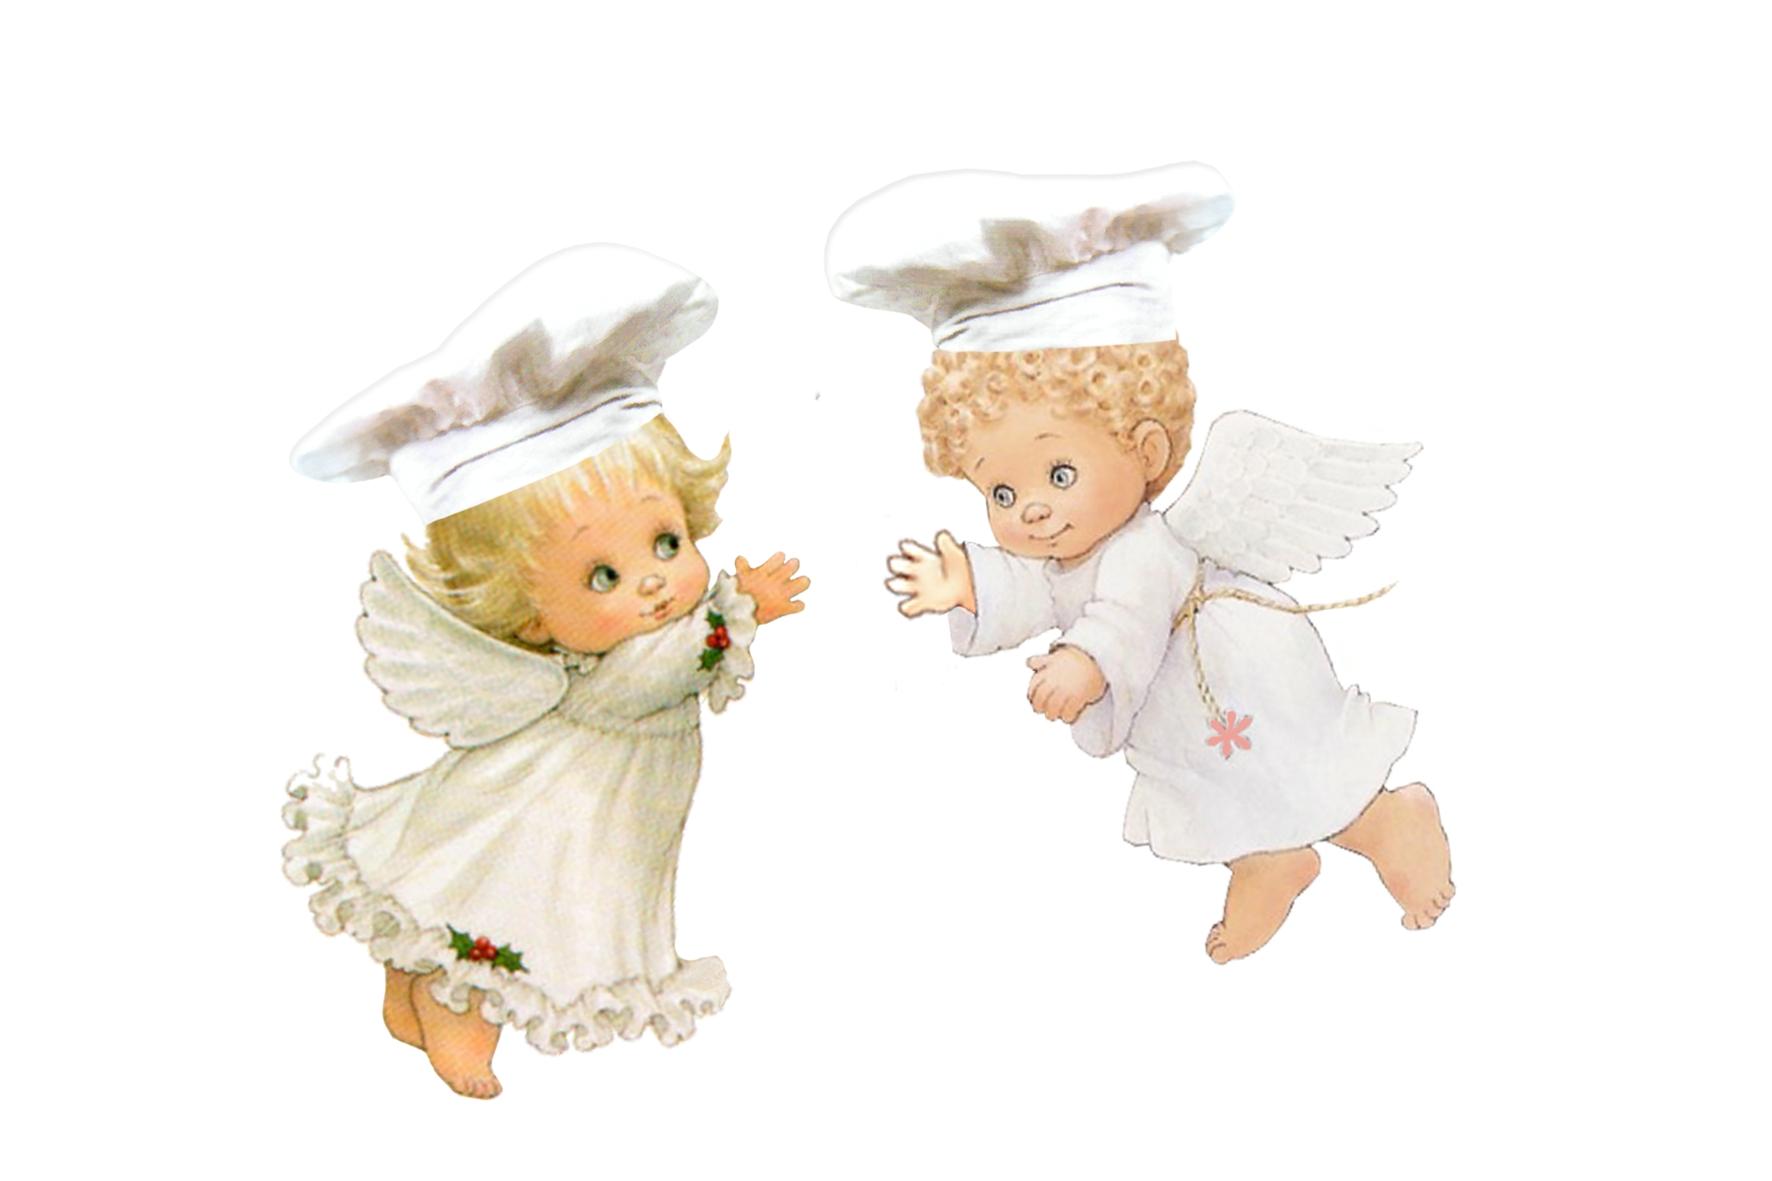 ангелочки на стр друзей картинки хаматову любят